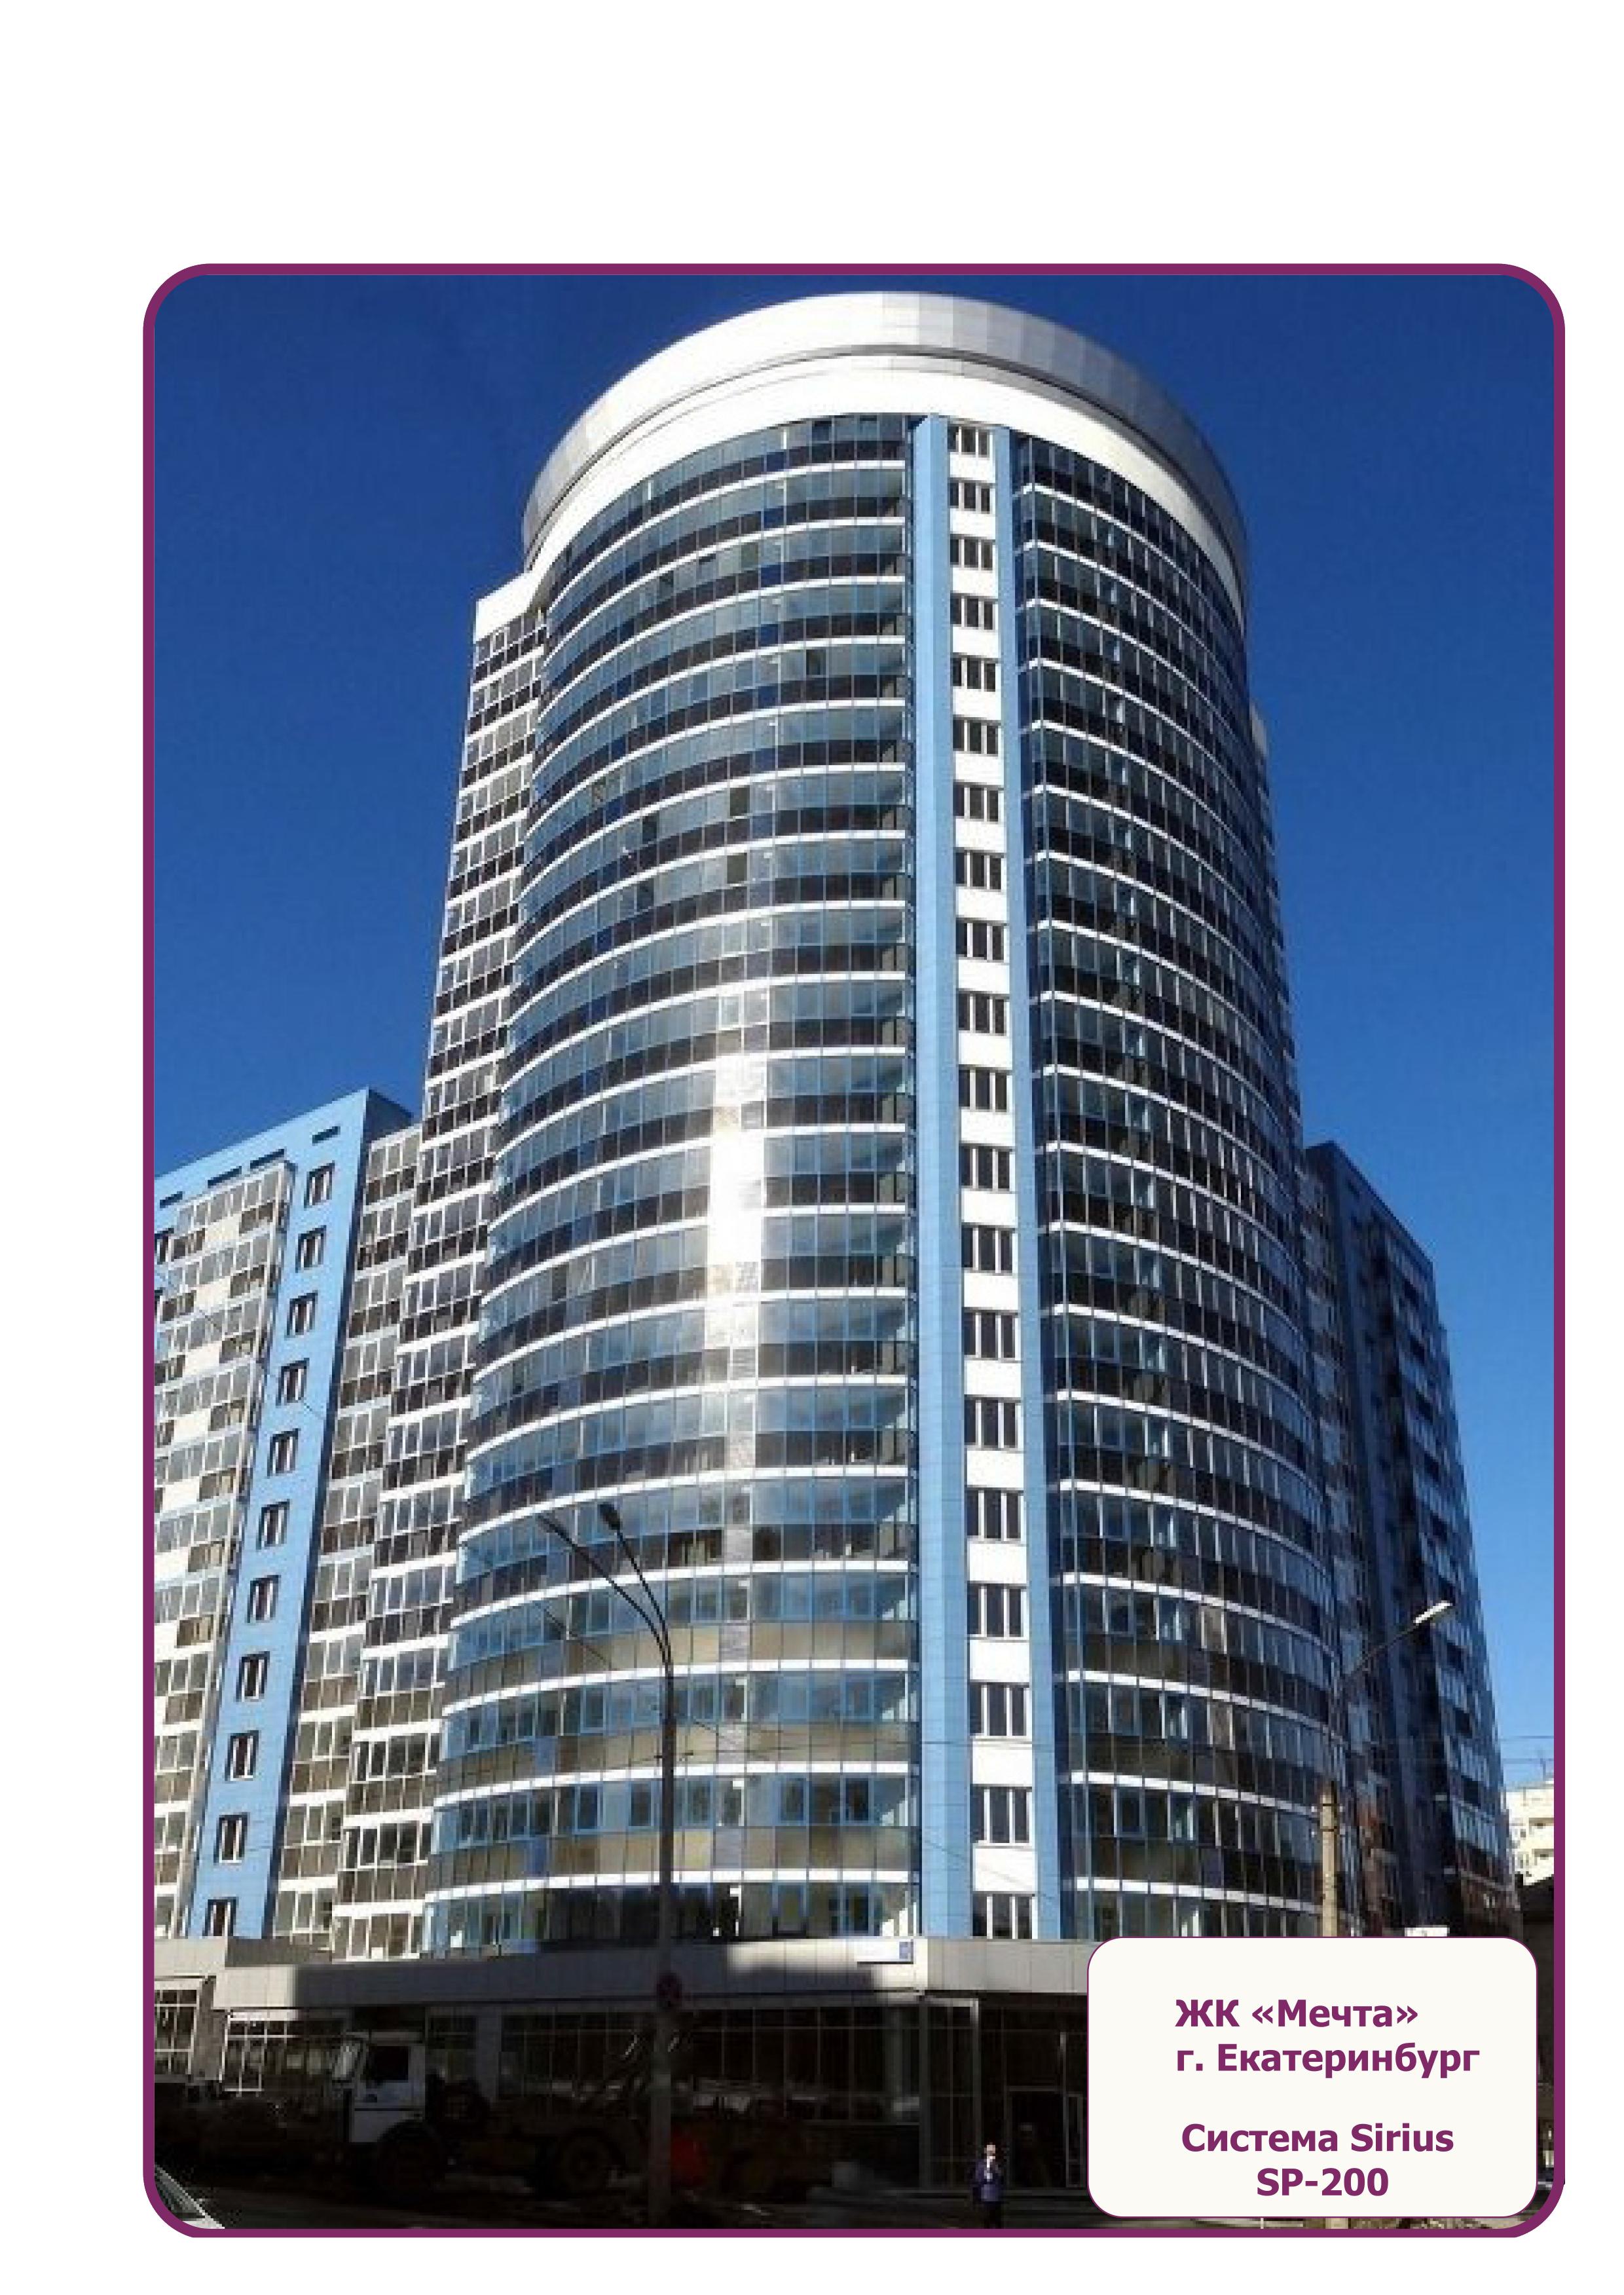 ЖК Мечта г. Екатеринбург Фасад объекта облицован на алюминиевой подсистеме SIRIUS SP-200 - композитные панели, усиленный профиль замкнутого сечения